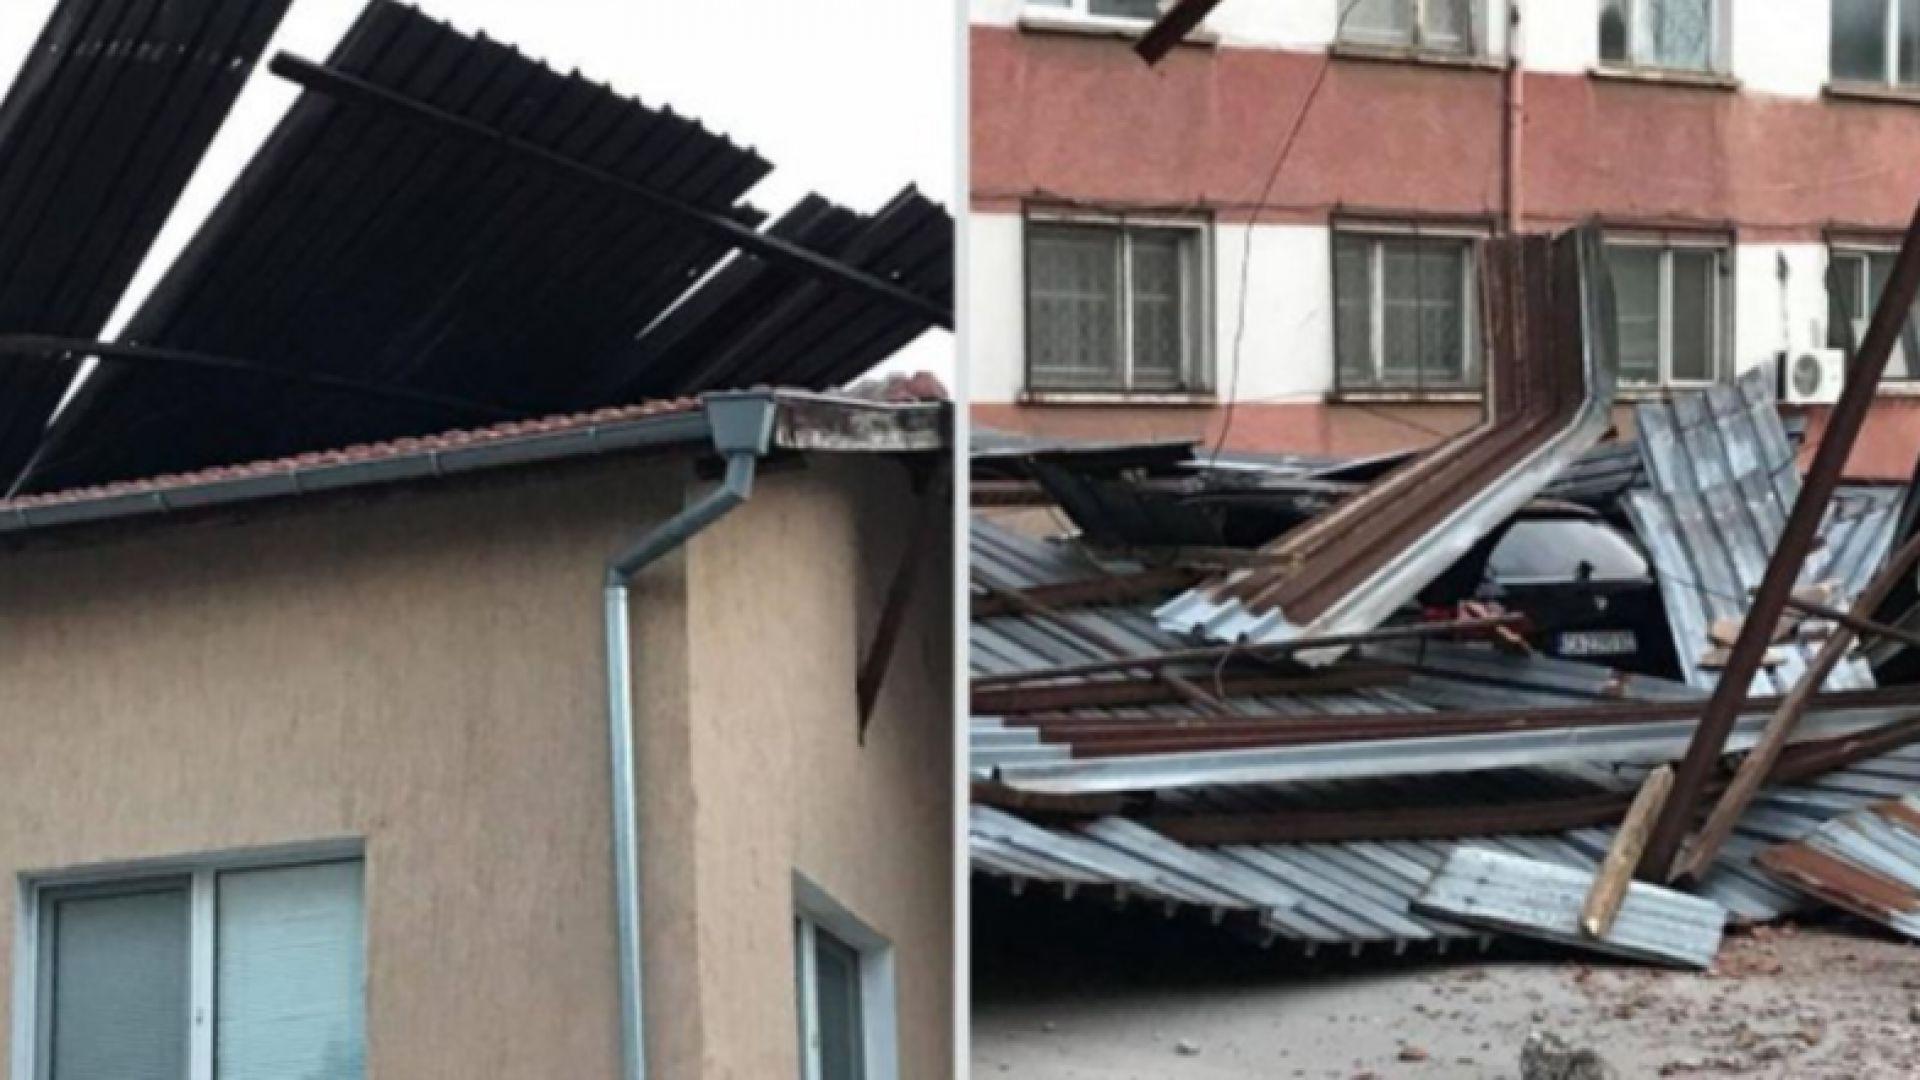 Във Враца започна разчистването след ураганния вятър, който тази нощ